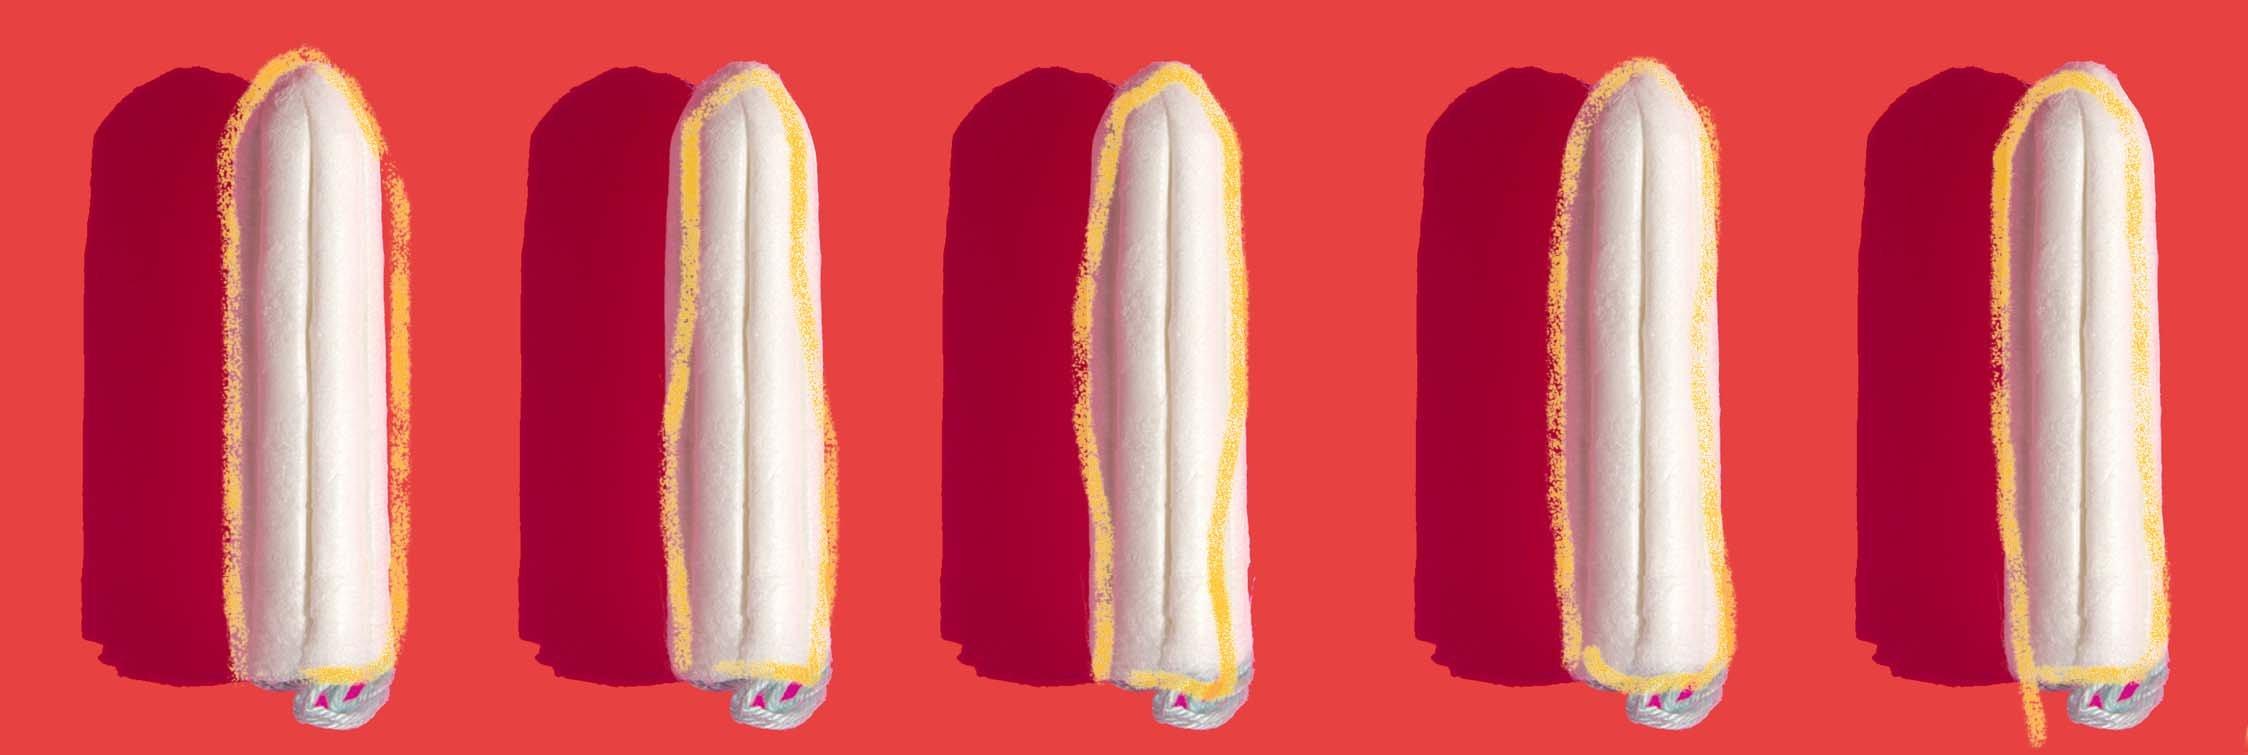 Tampons met gouden rand